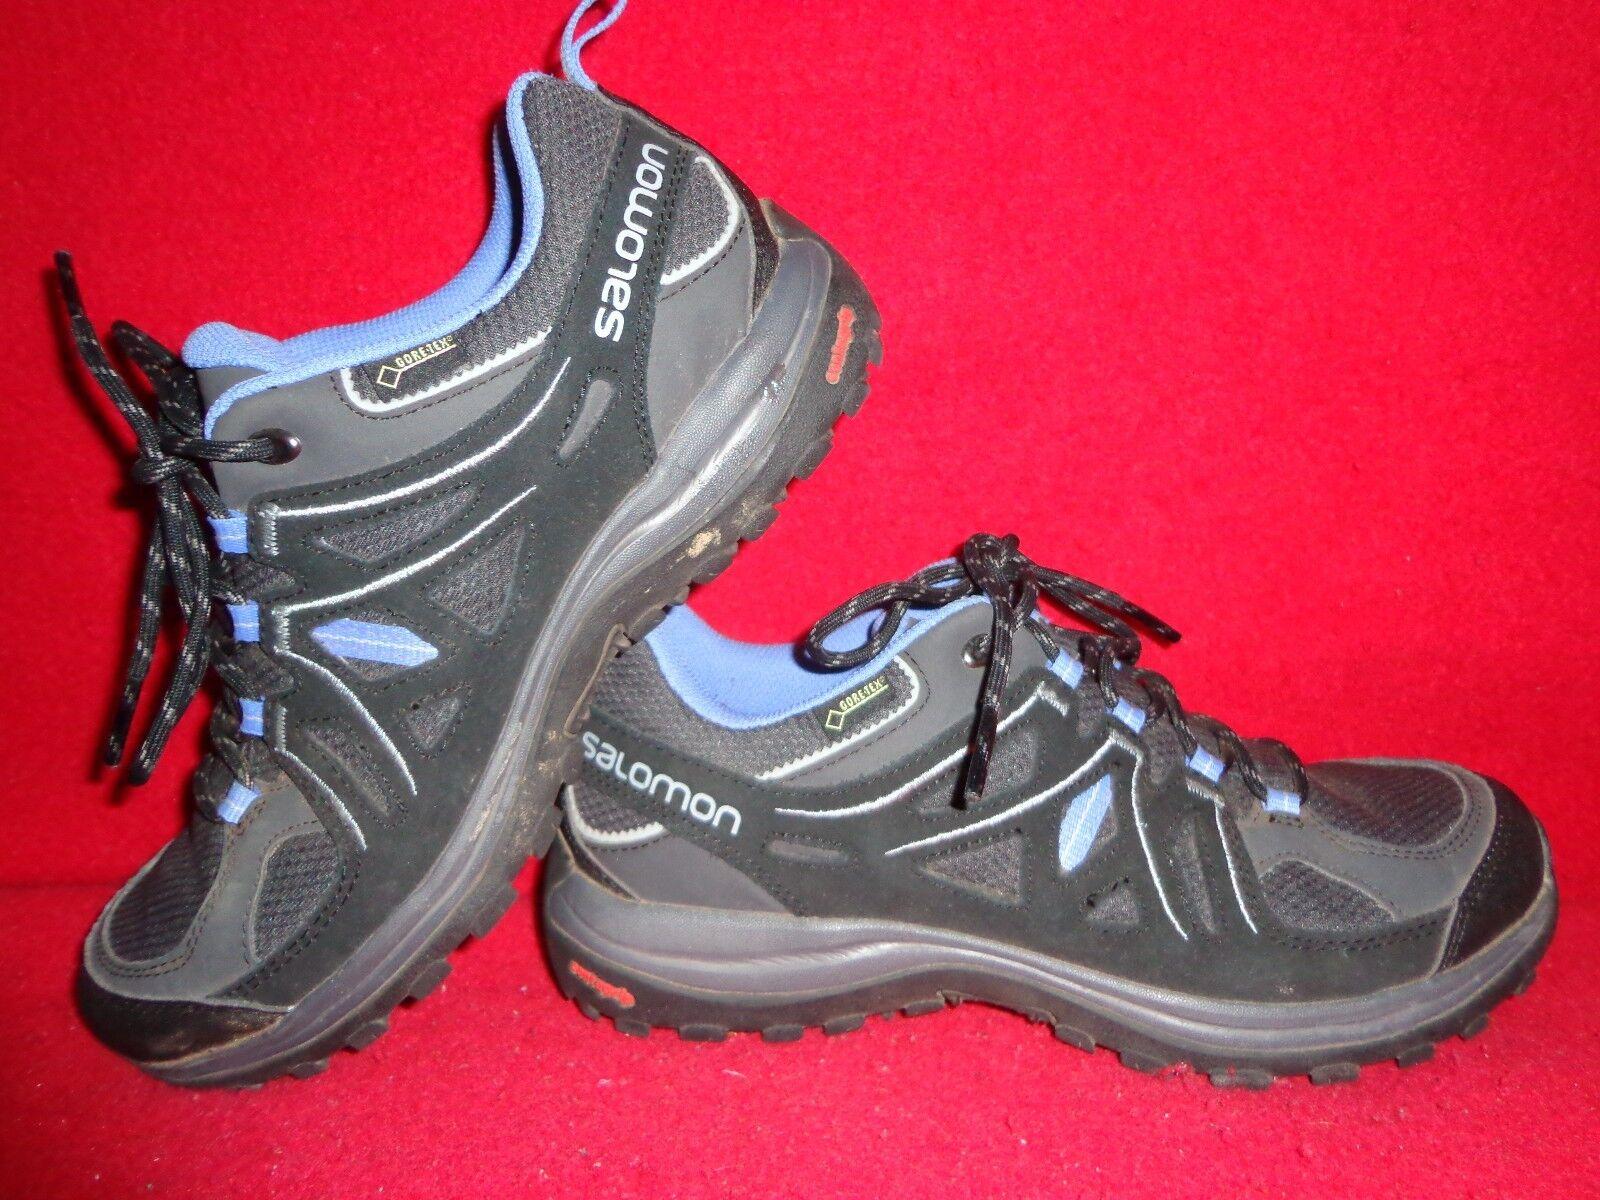 Salomon Ortholite Gore-tex contagrip Athletic Women's shoes Multi-color Size 7.5